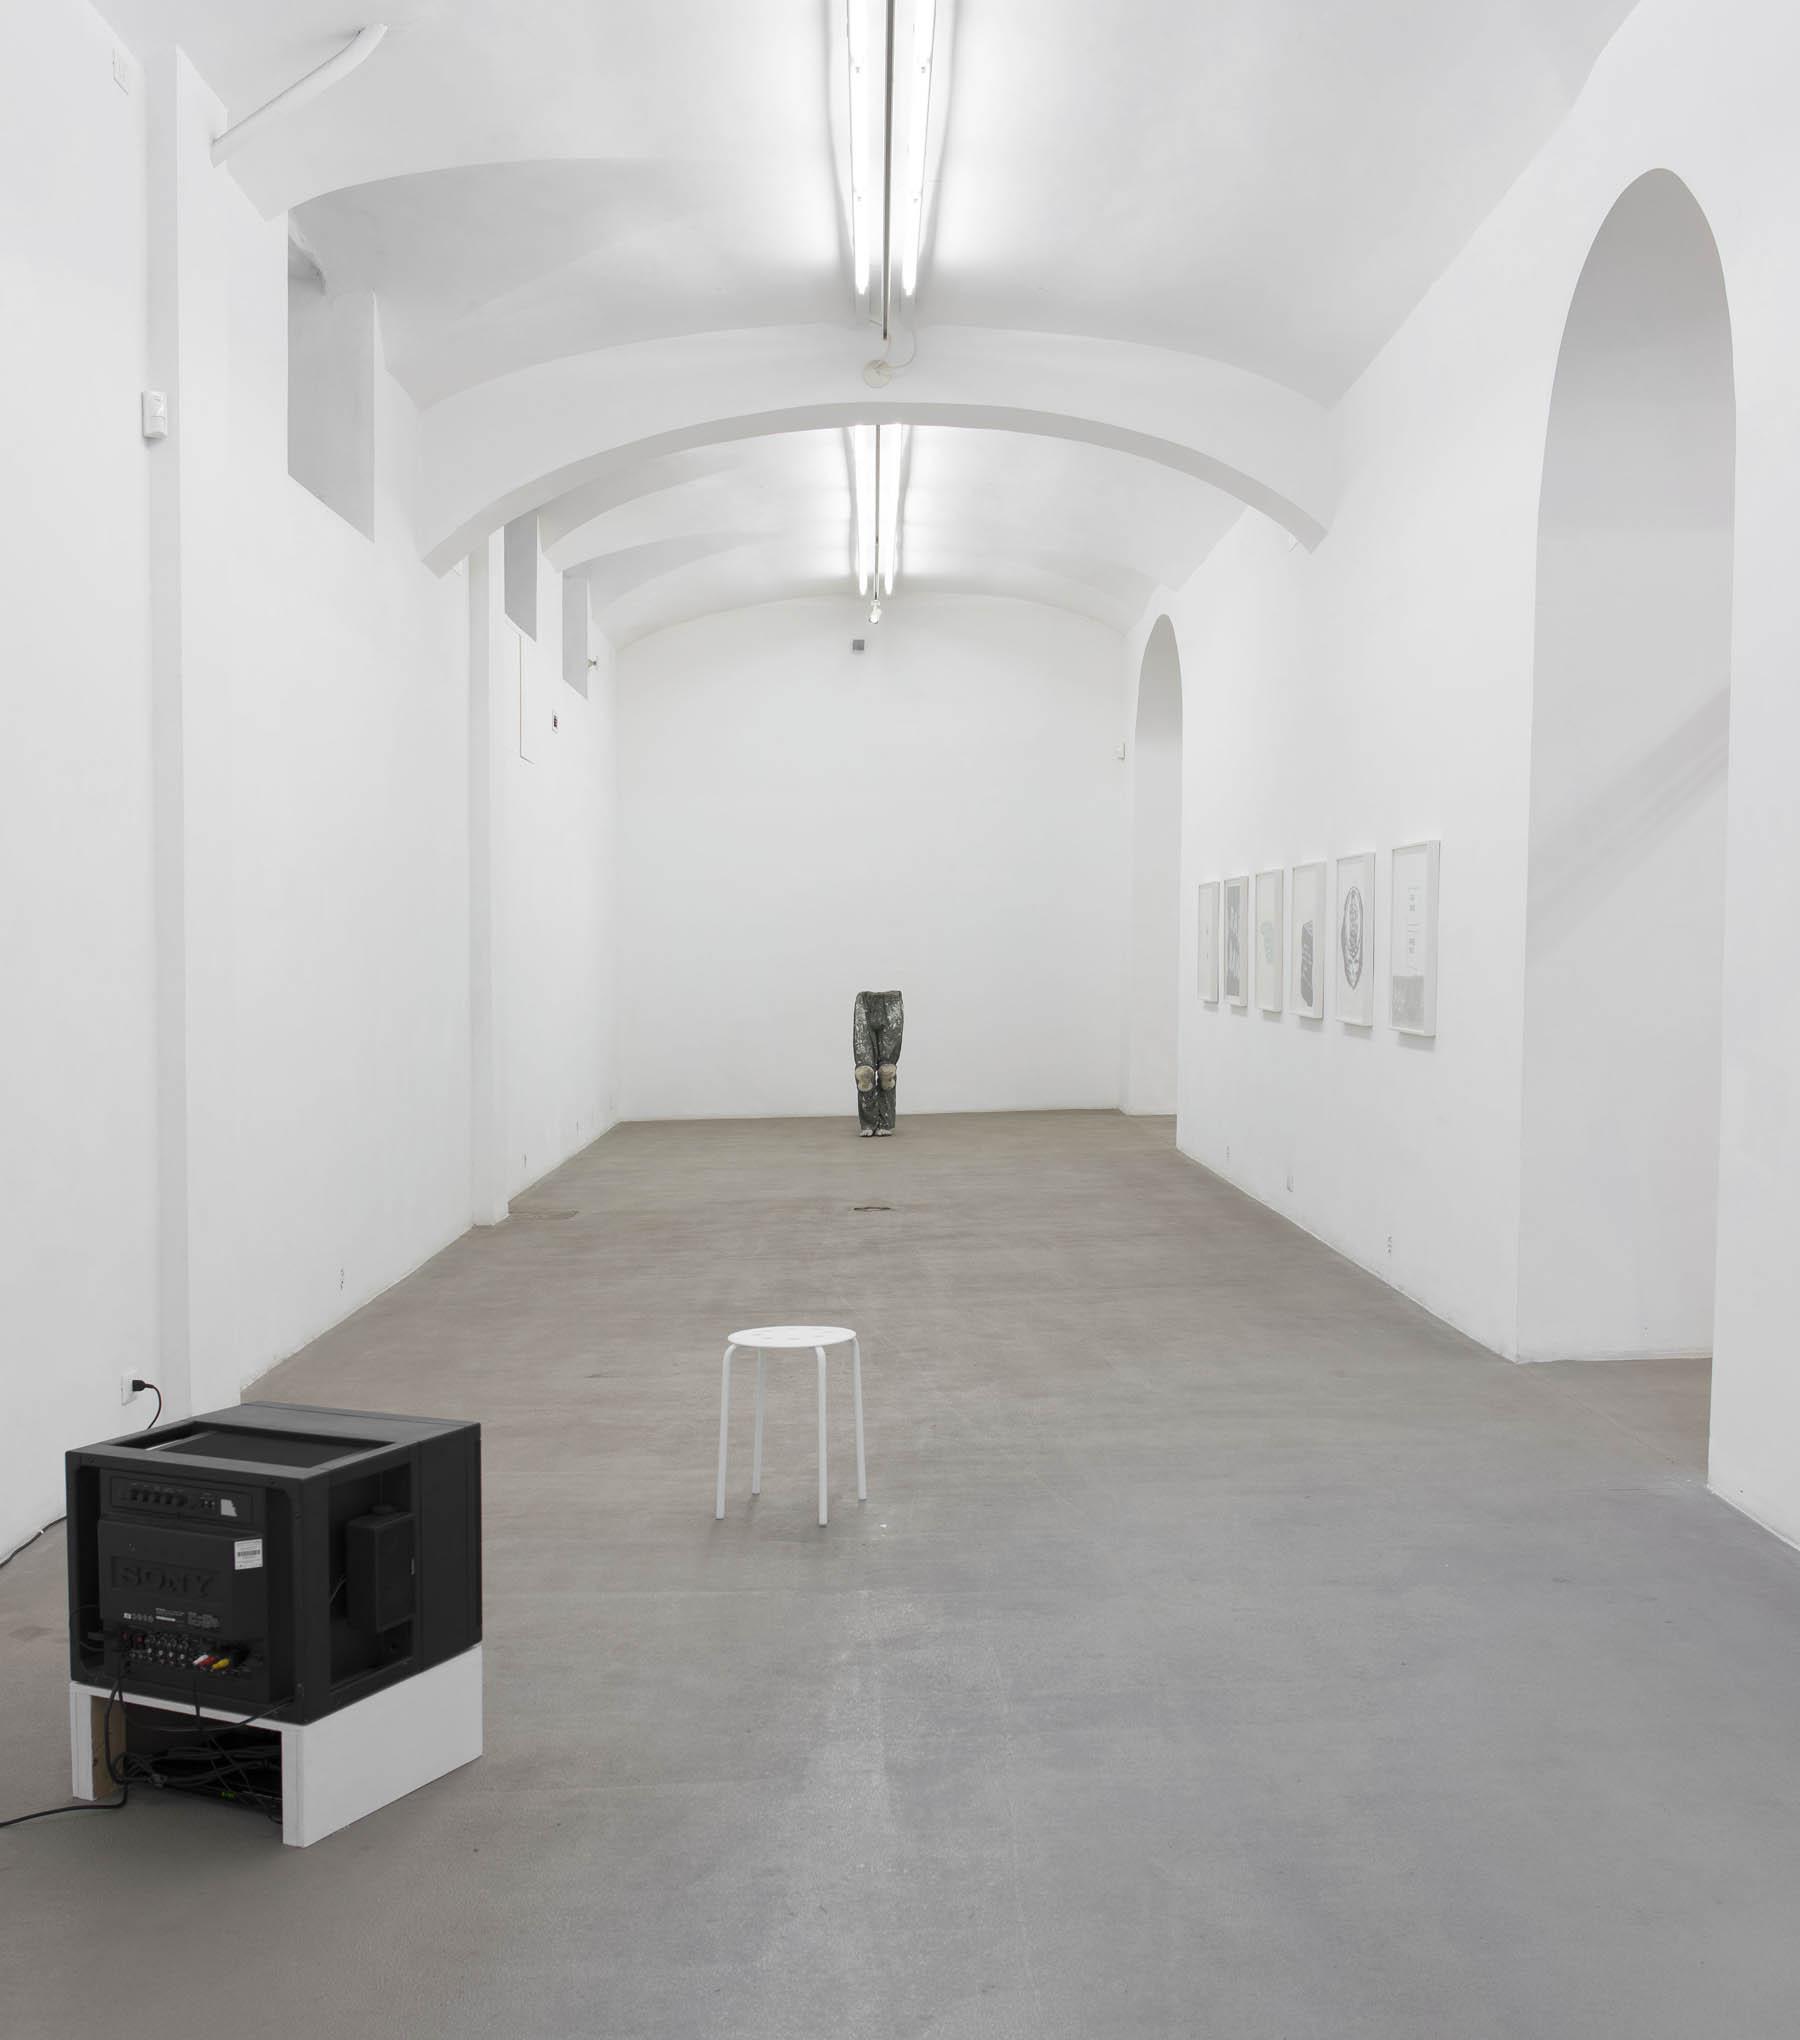 8. Consequences installation view at Fondazione Giuliani, Rome, 2015, photo Giorgio Benni